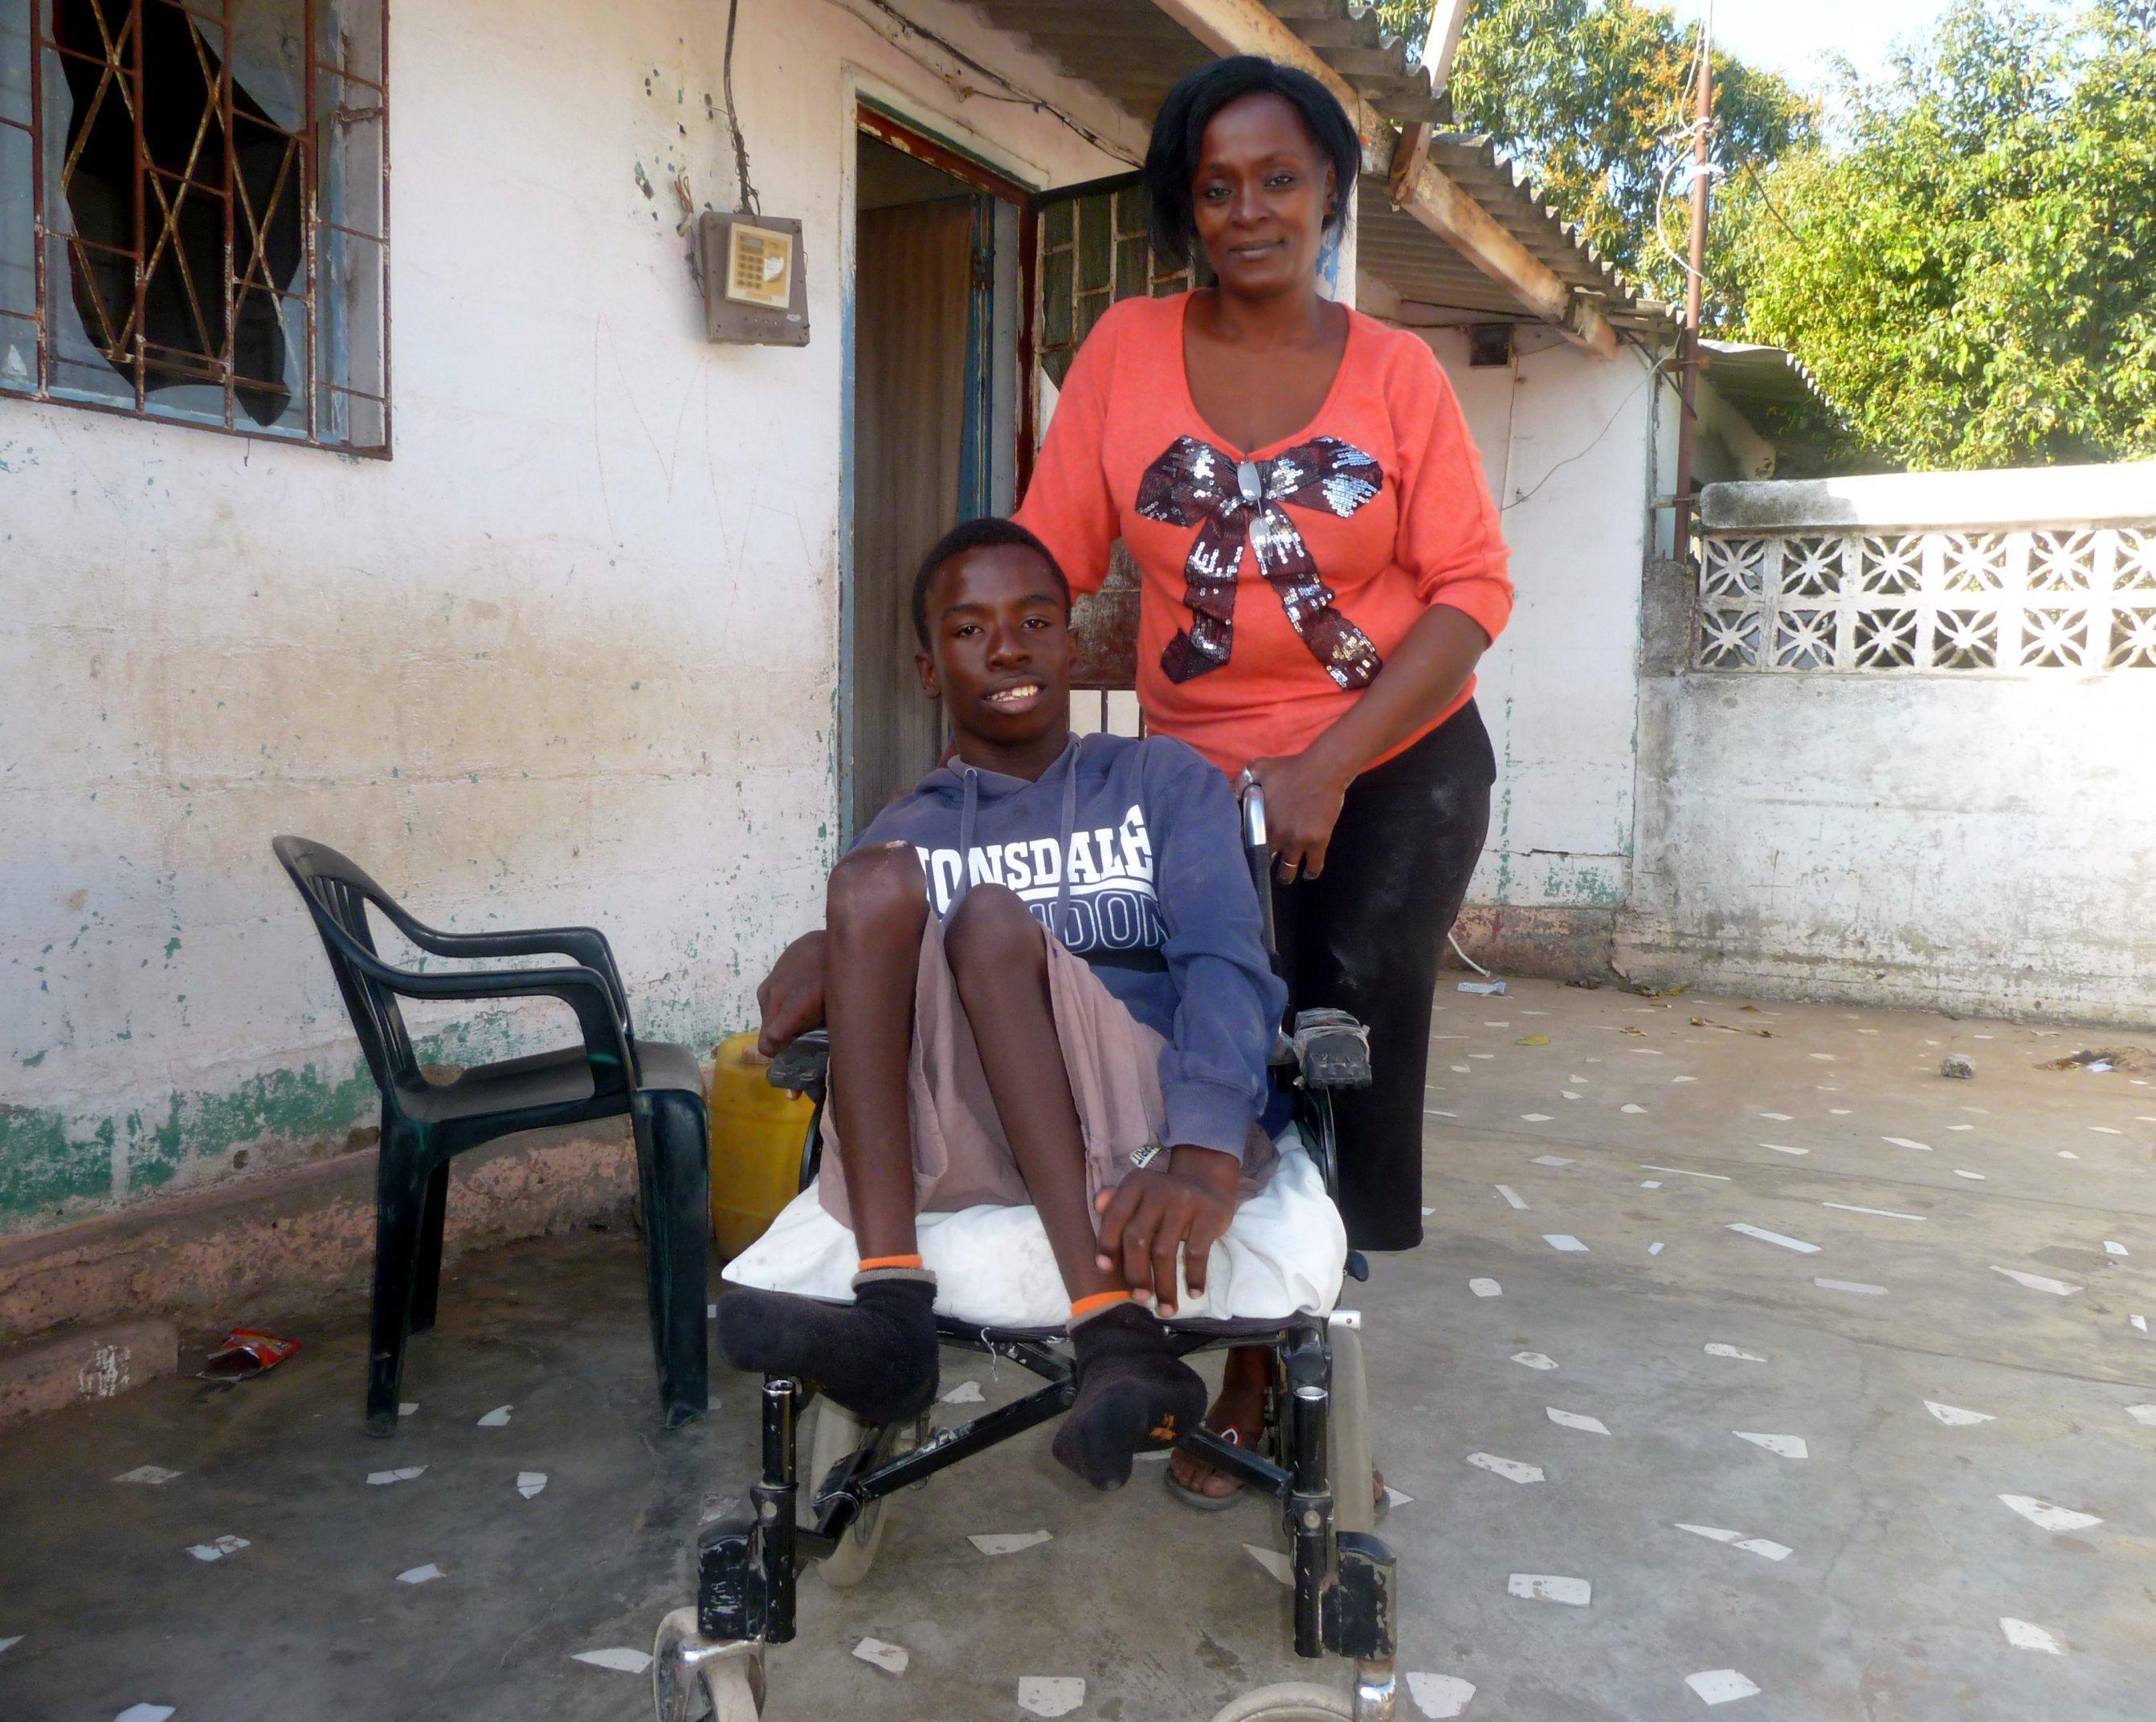 Mutter Maria Moinhe steht hinter ihrem Sohn Mario, der im Rollstuhl sitzt, die Beine hat er angewinkelt, beide lächeln in die Kamera